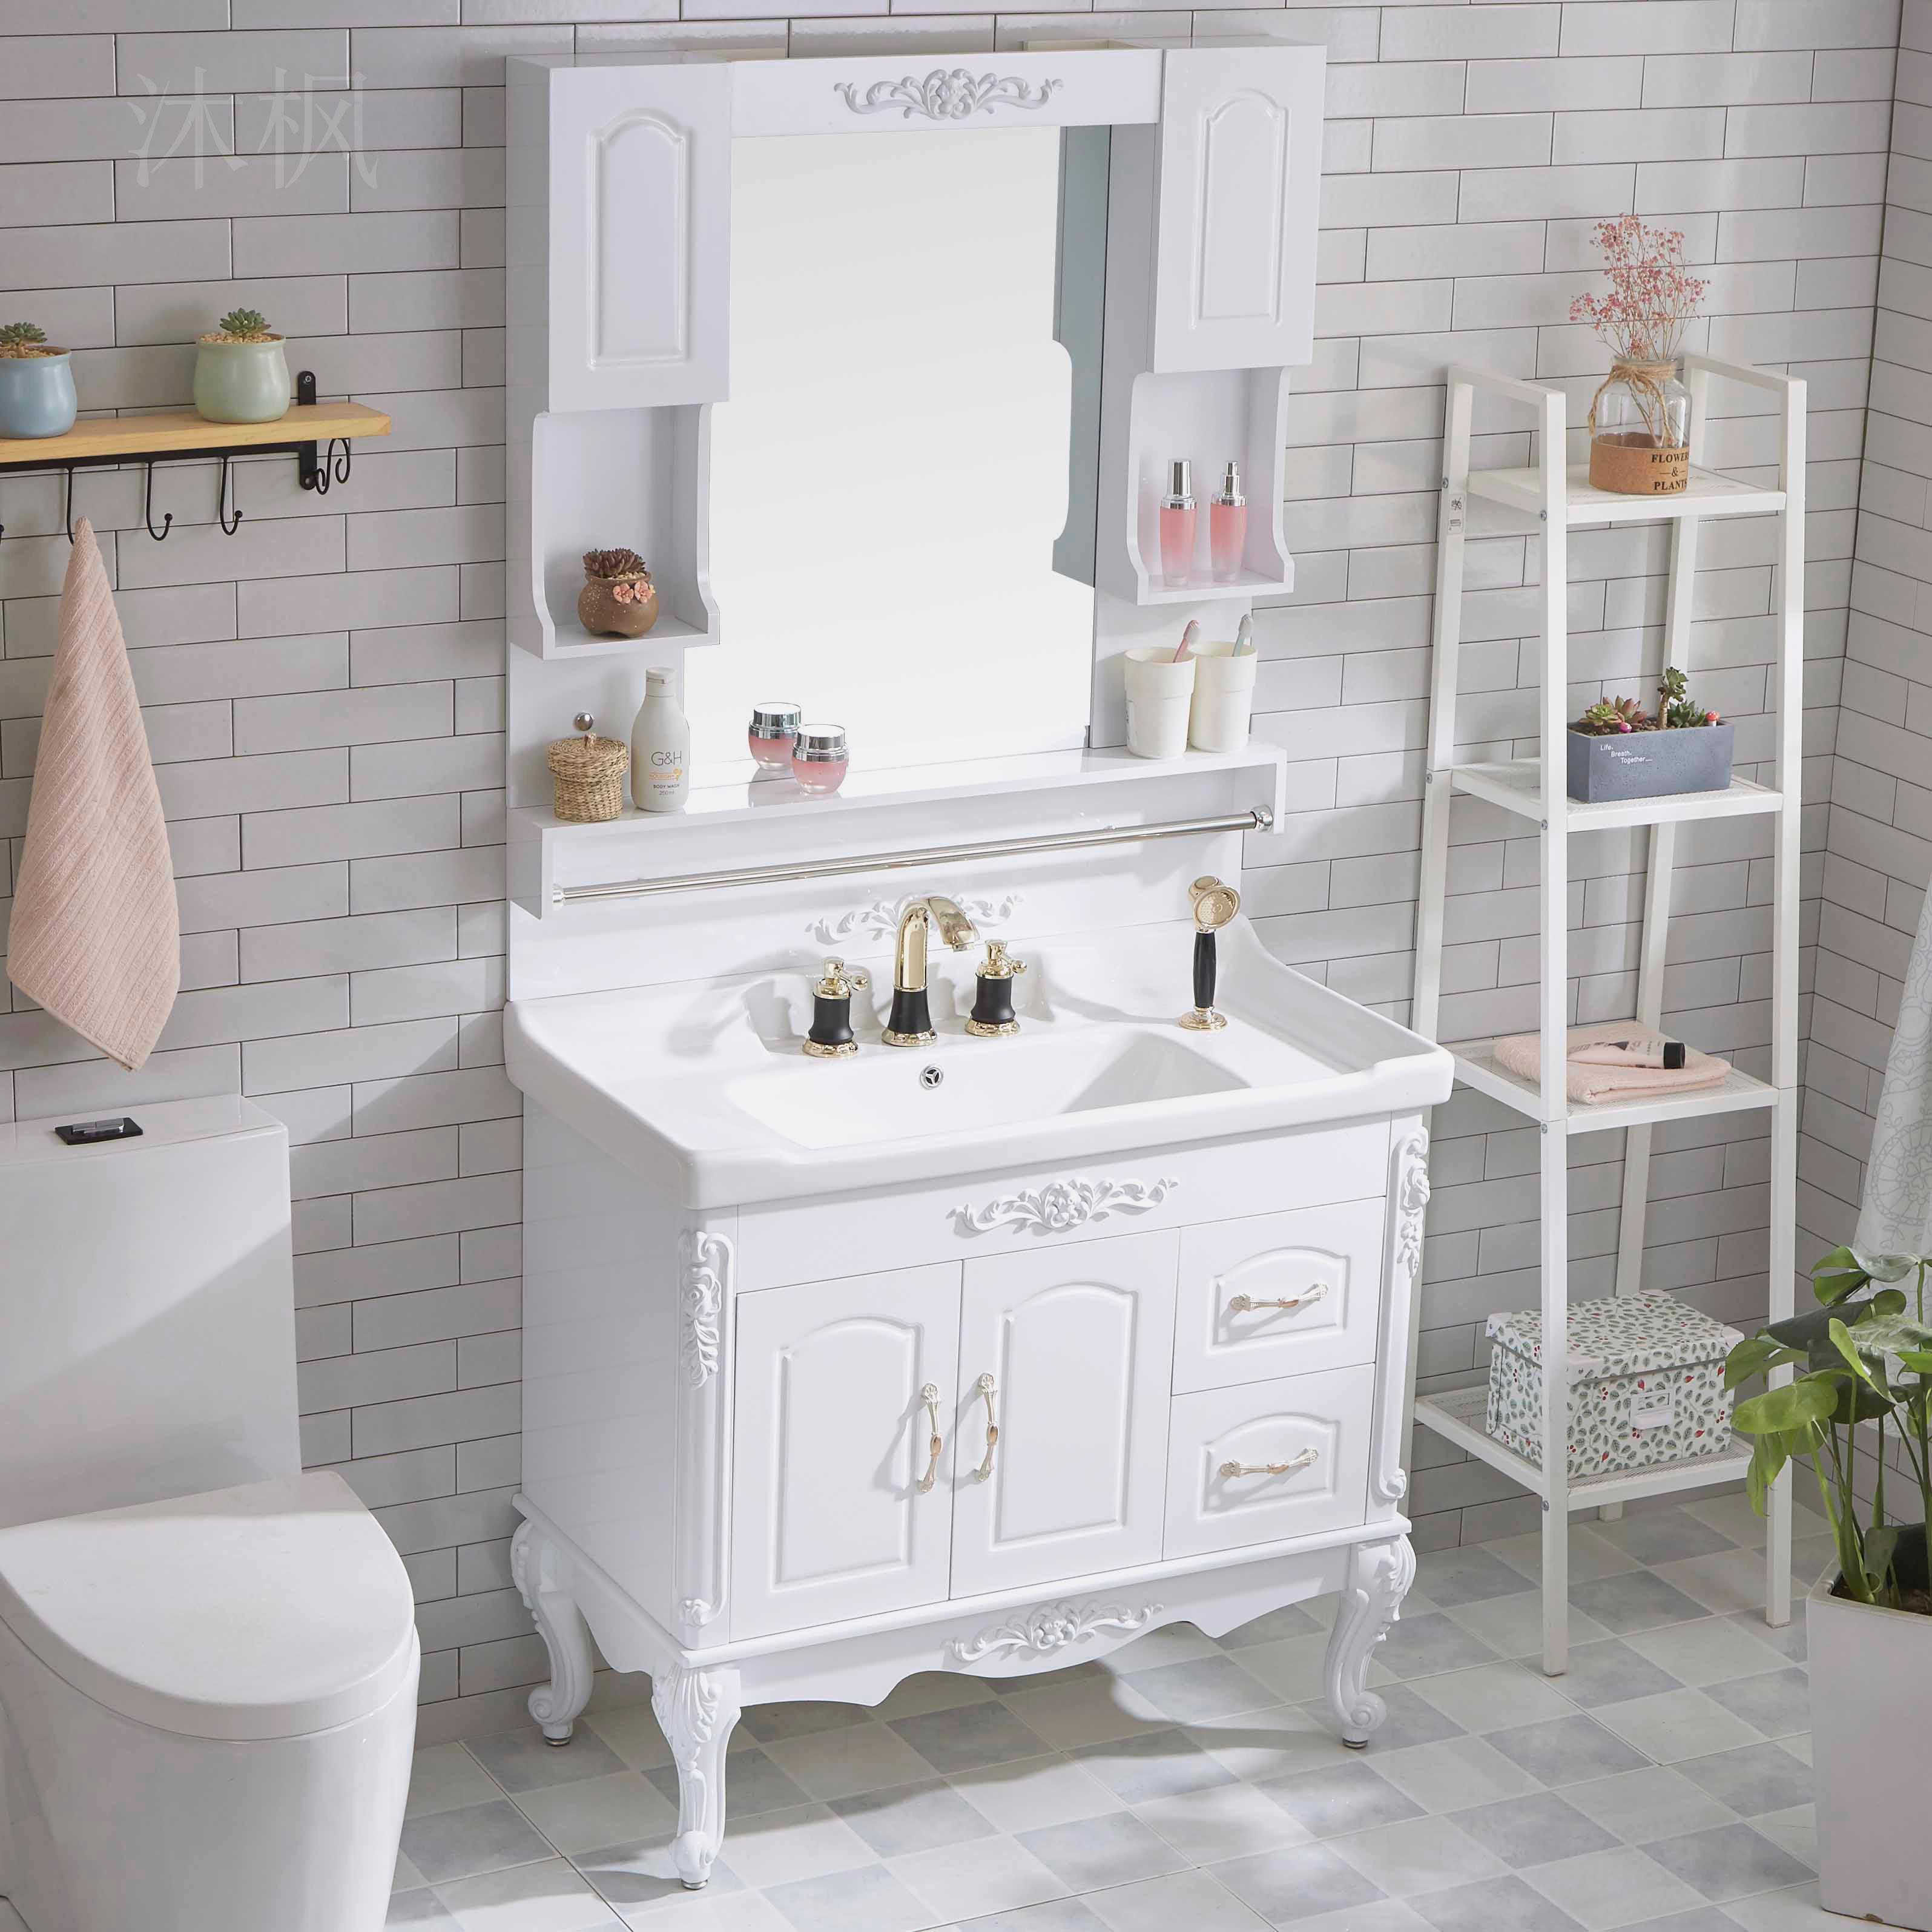 现代简约小户型卫生间洗手柜浴室柜(非品牌)